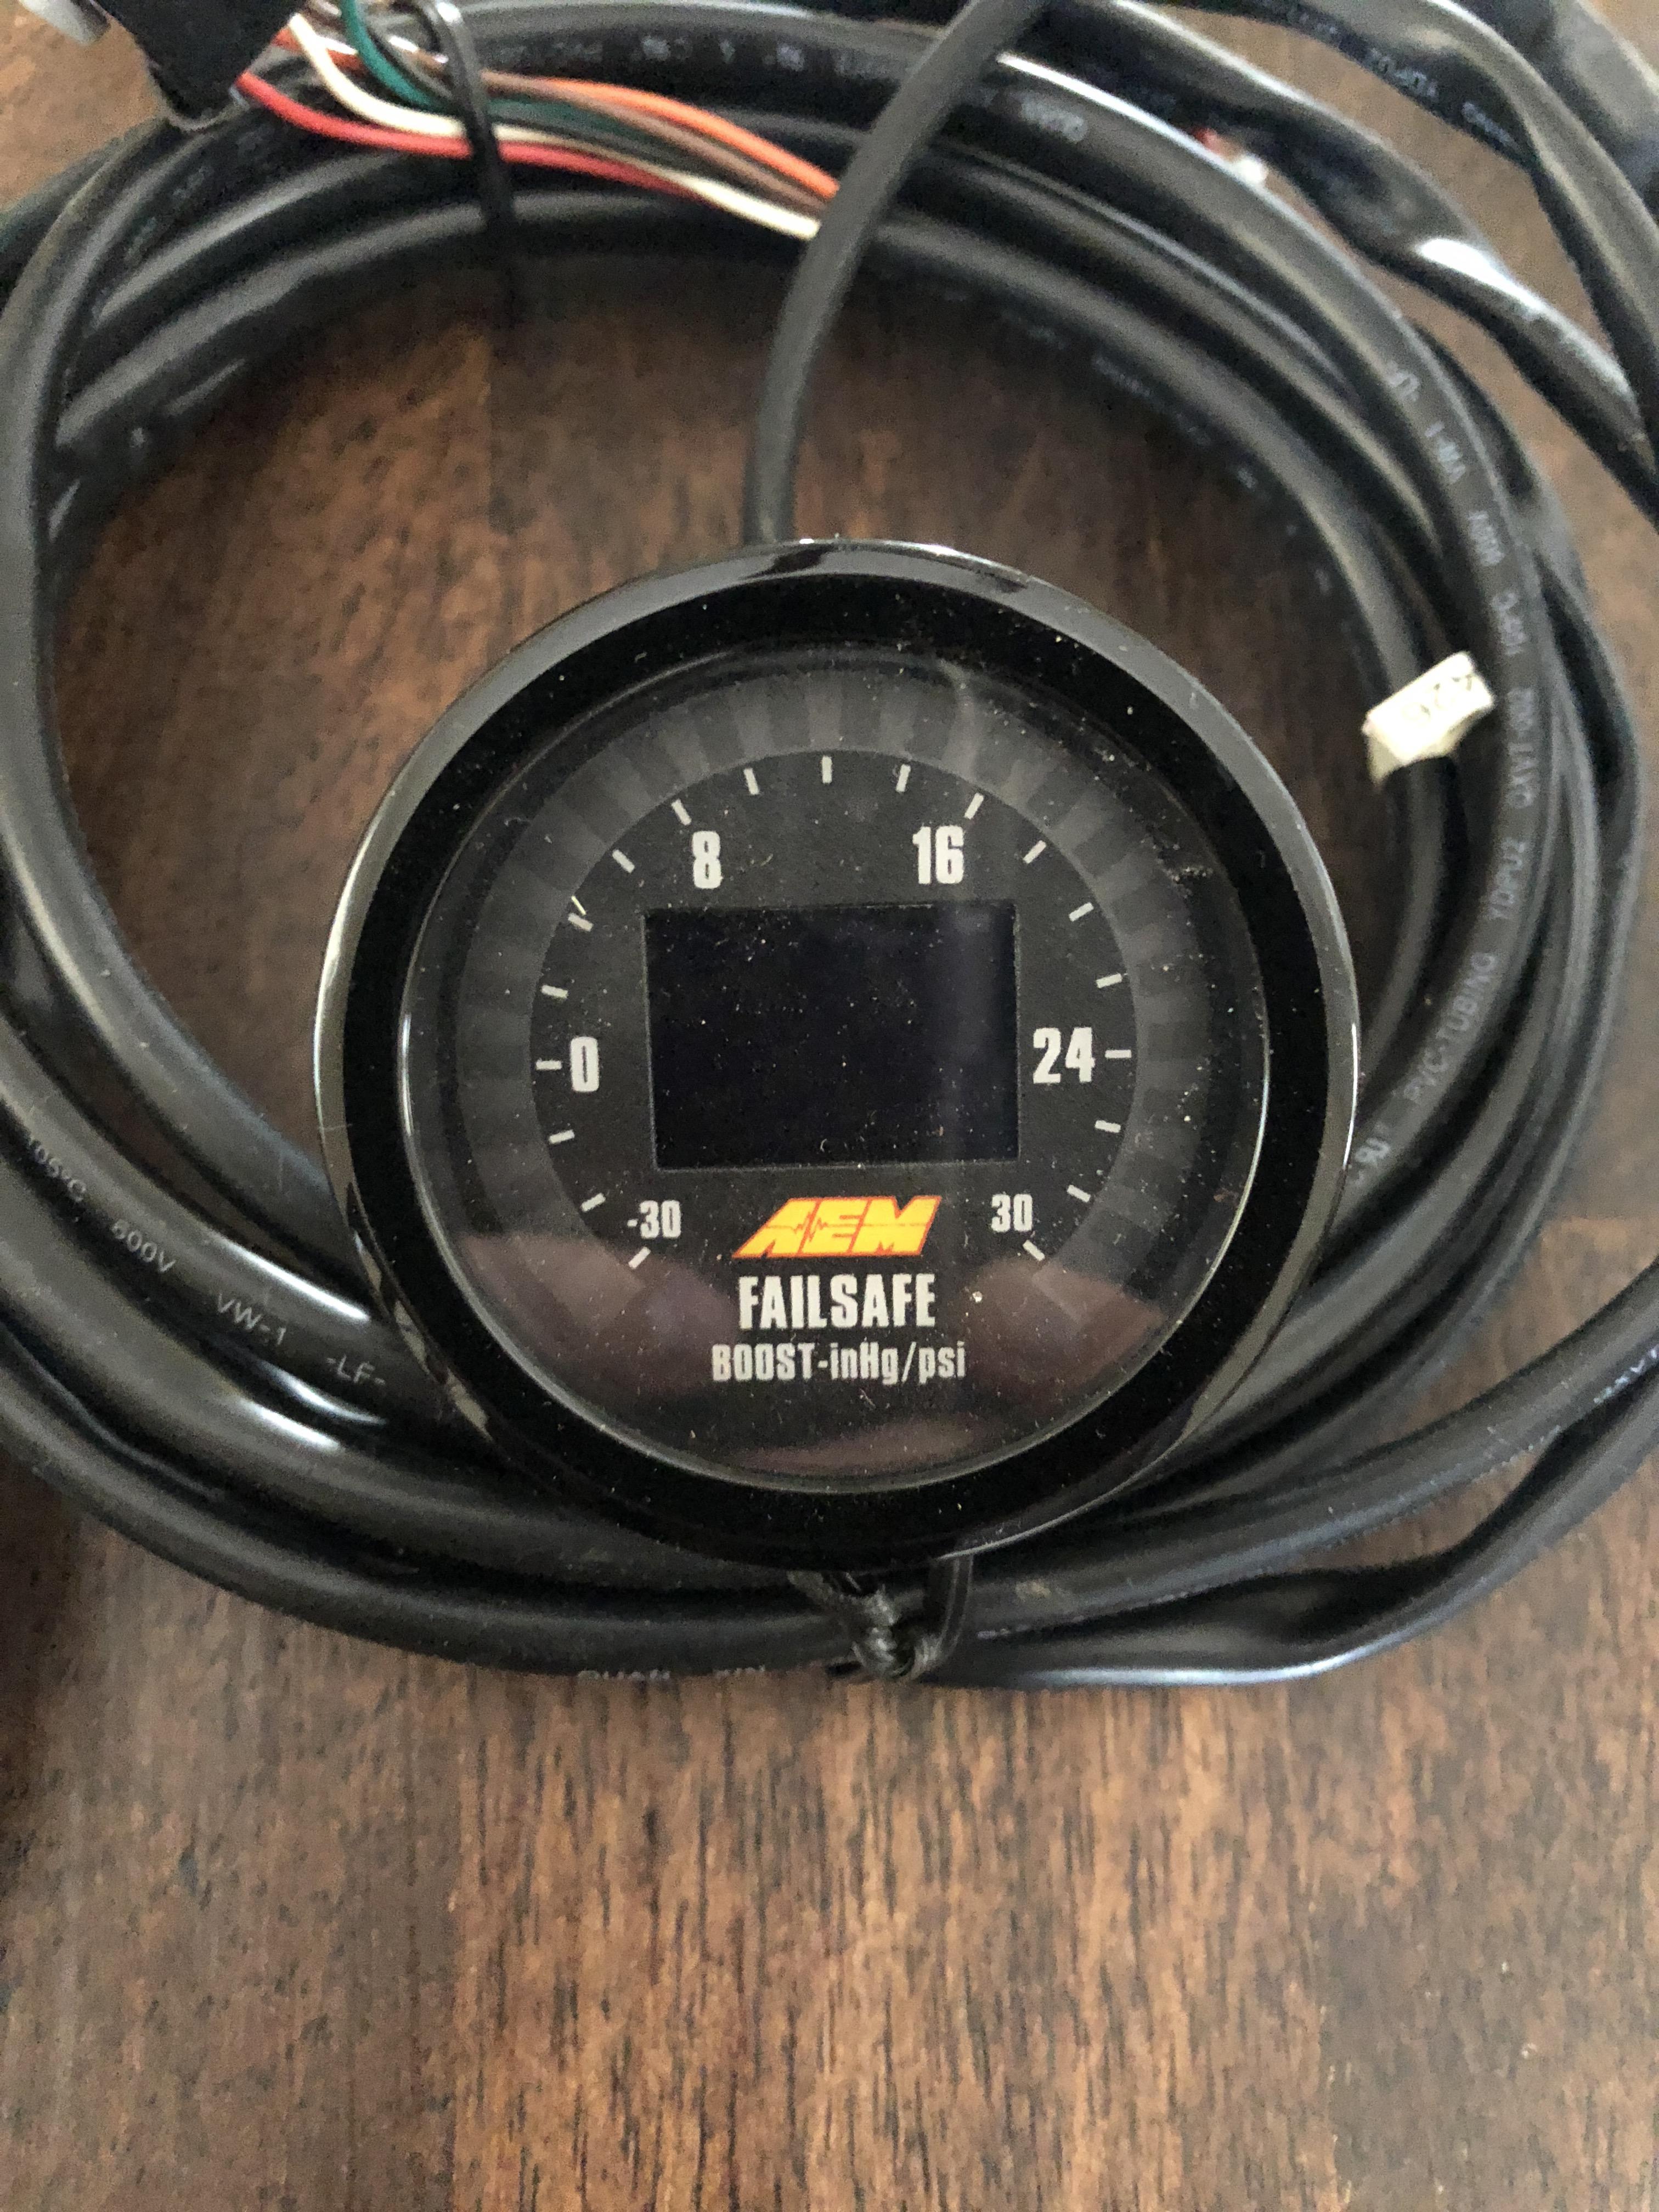 AEM Failsafe Wideband Gauge-9657837e-2b7b-471e-a816-8da9125a72a8_1522616654926-jpeg